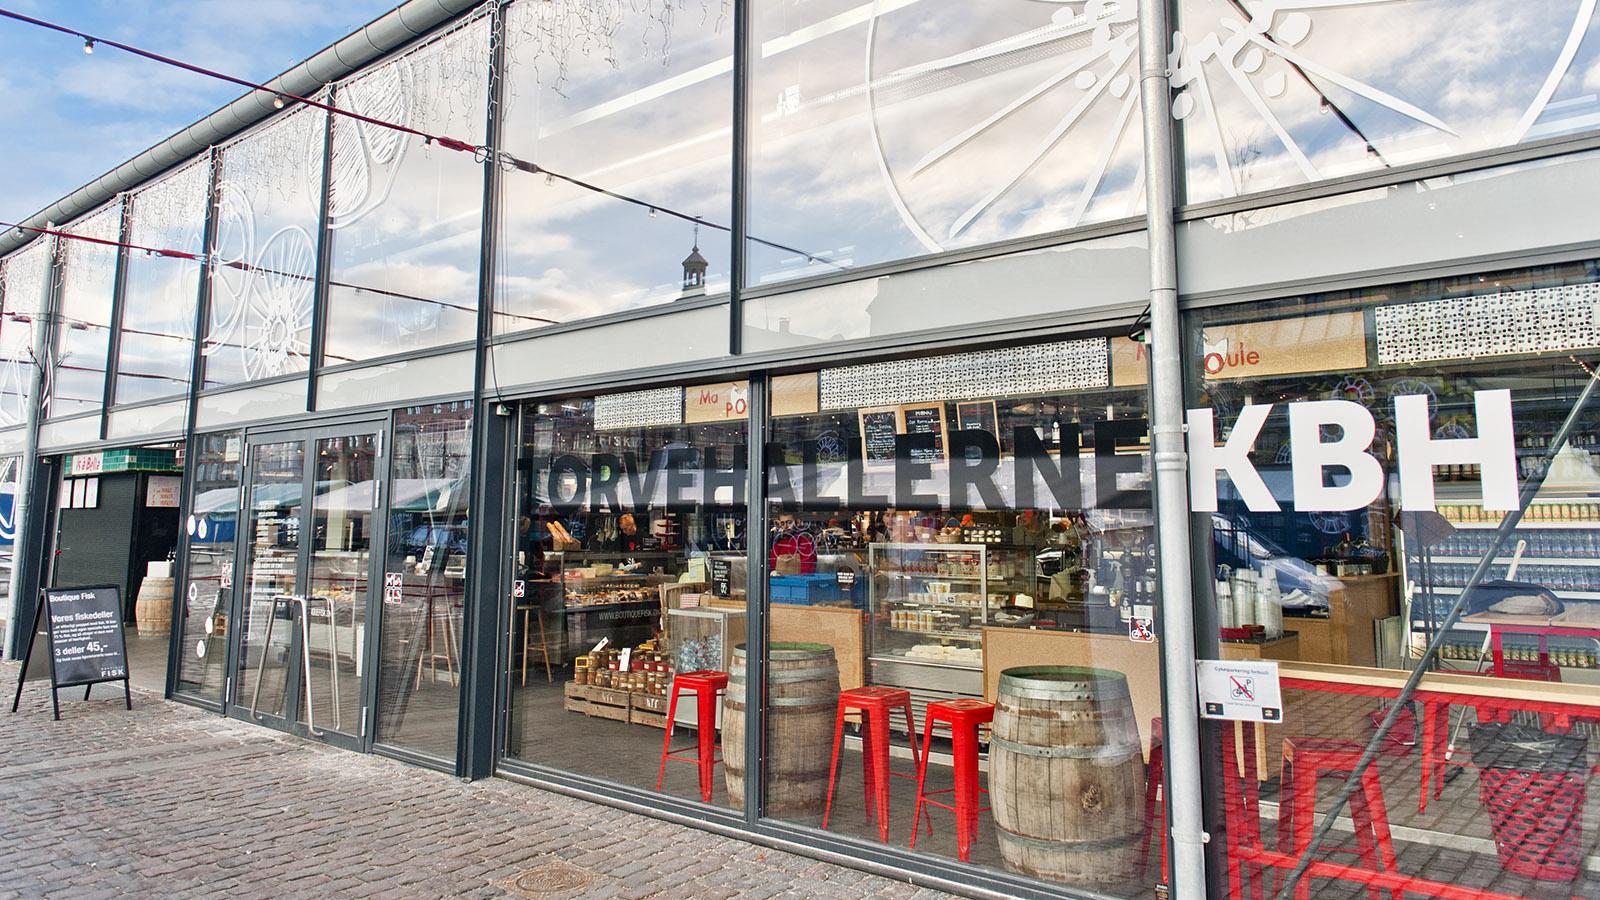 Torvehallerne - die grüne Markthalle von Kopenhagen. Foto: Hilke Maunder